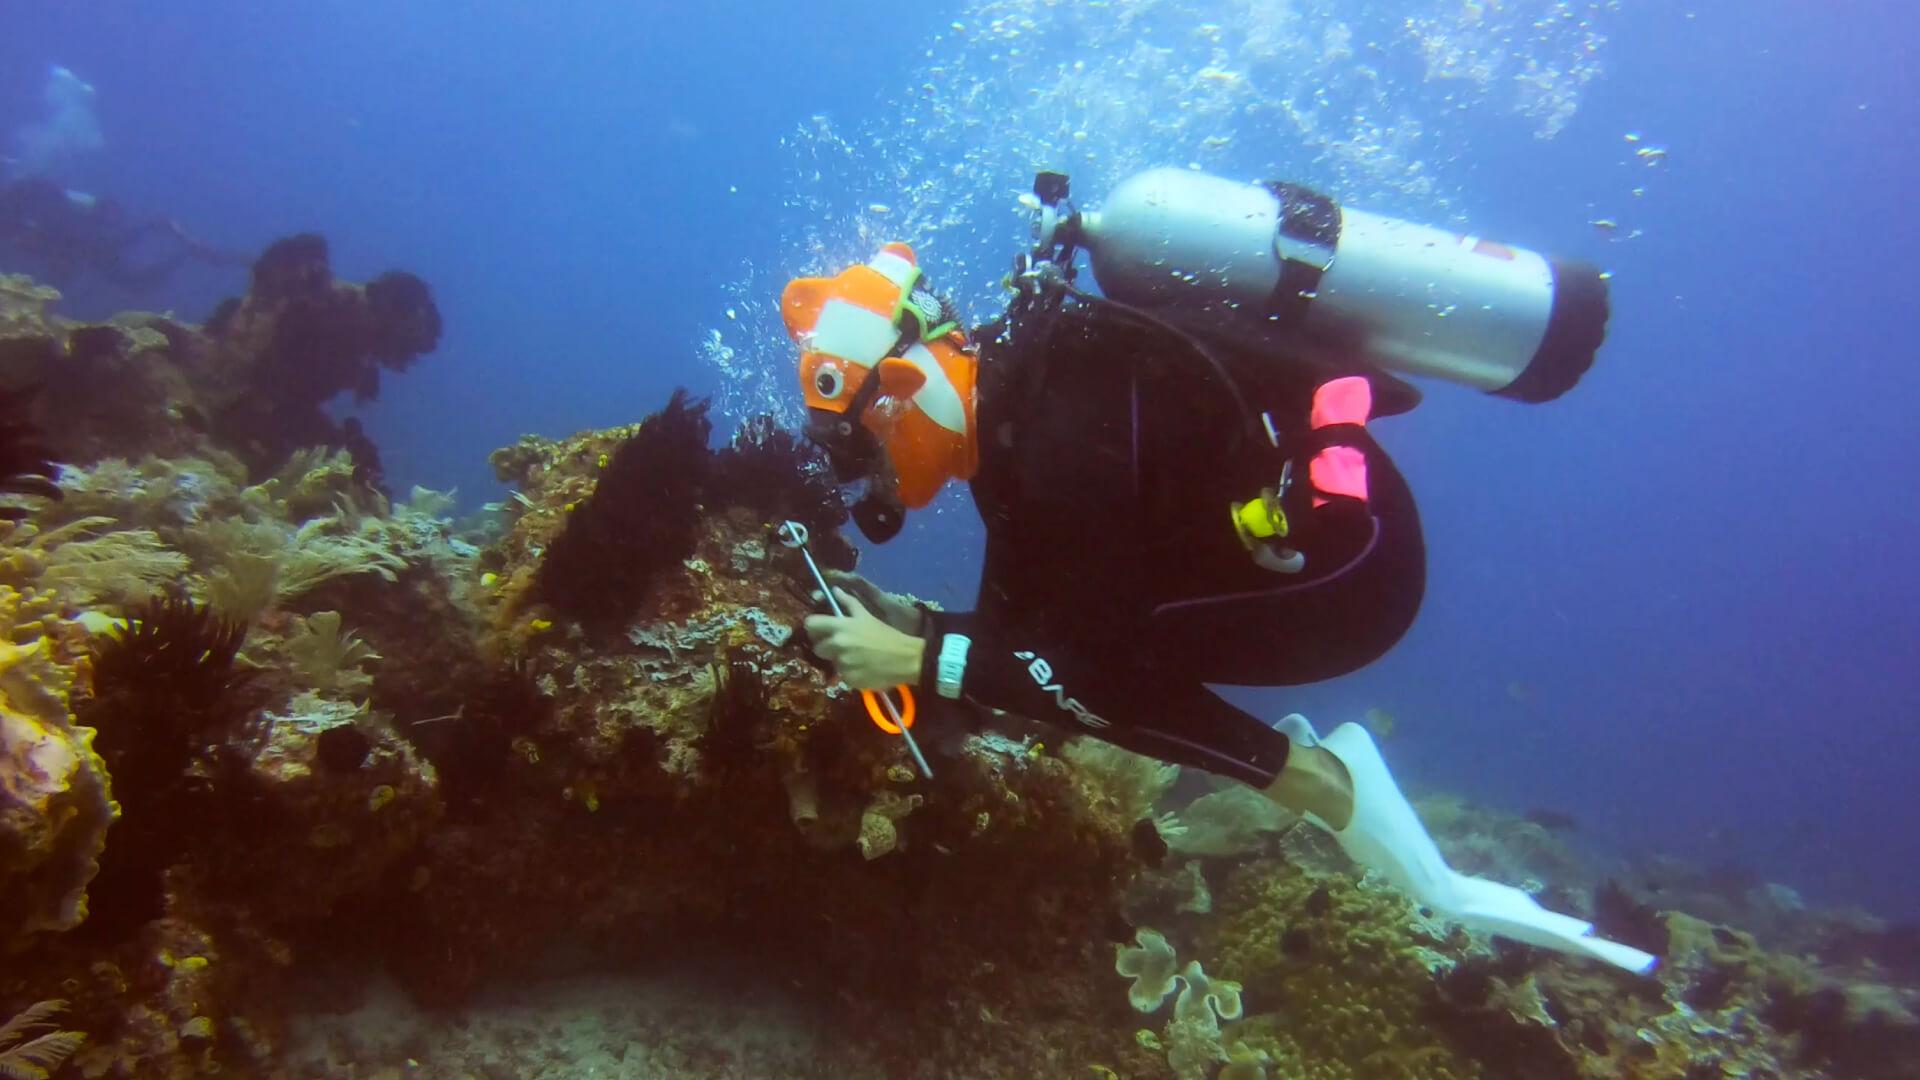 The Worm Raja Ampat